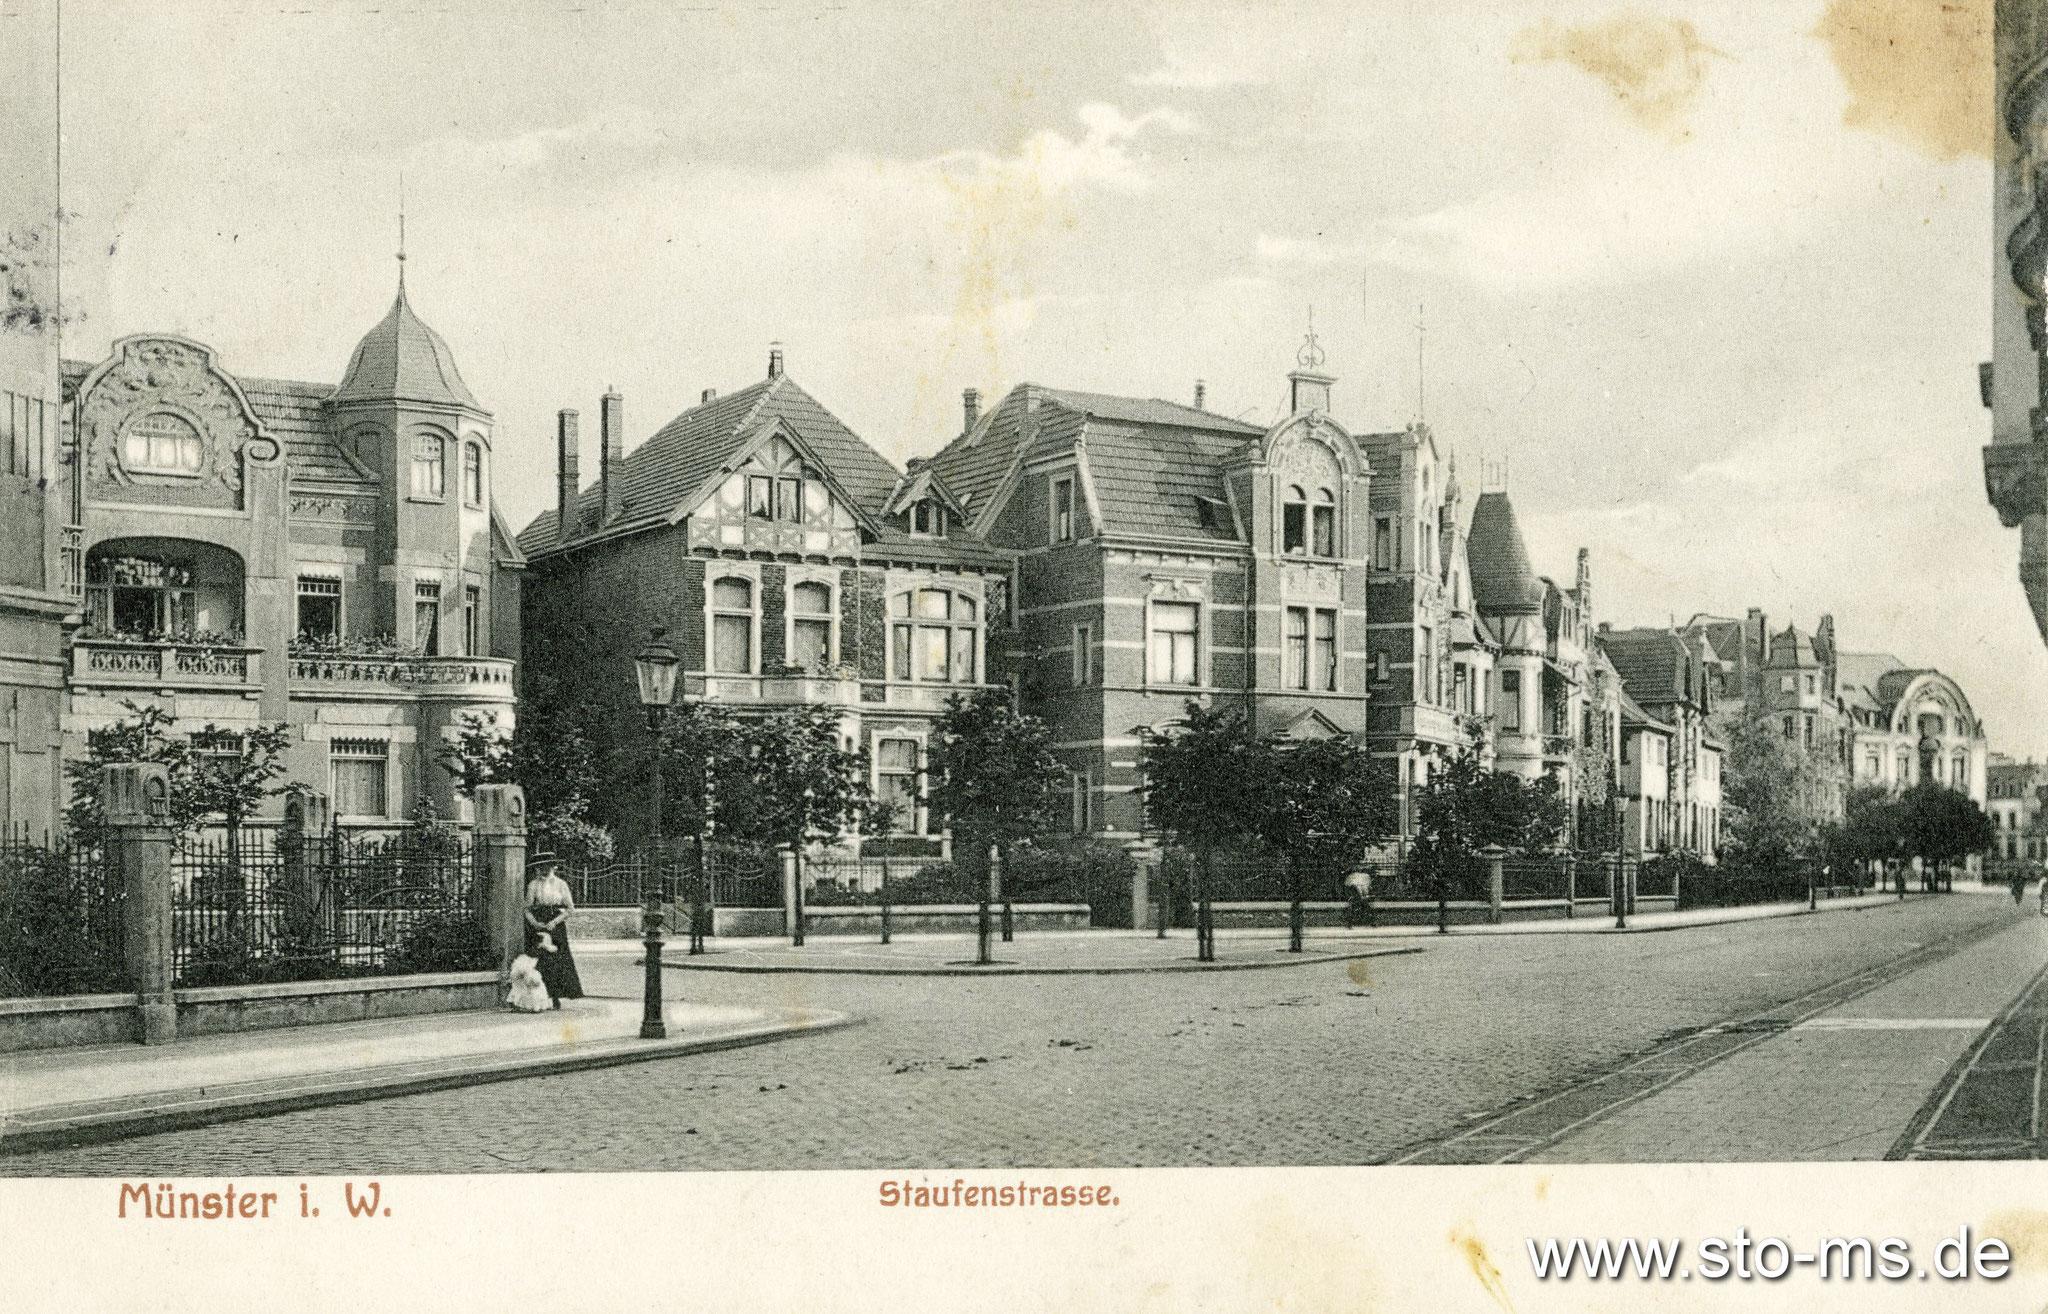 Staufenstraße